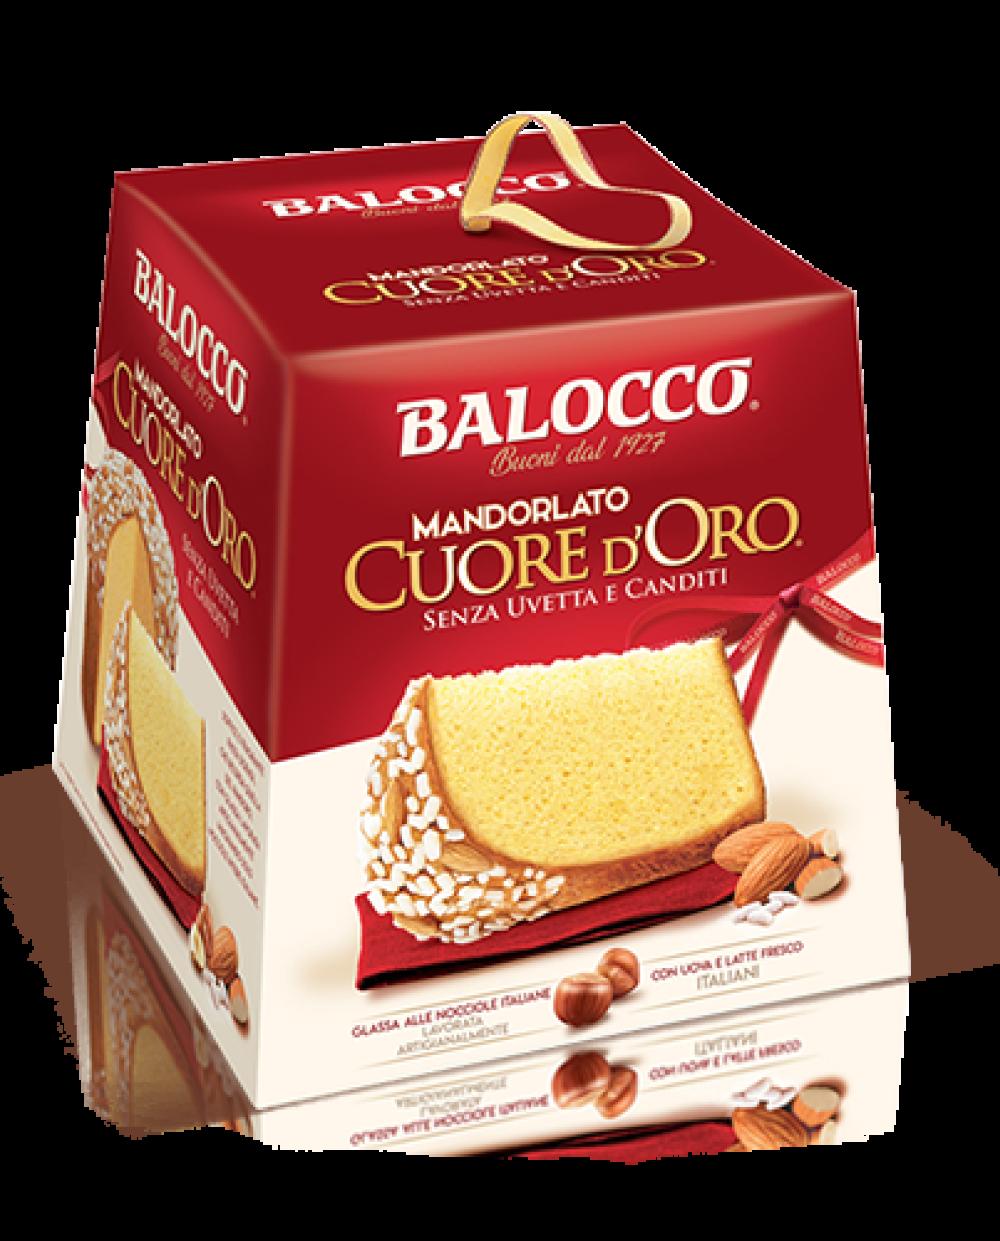 BALOCCO MANDORLATO CUORE D'ORO 1 KG